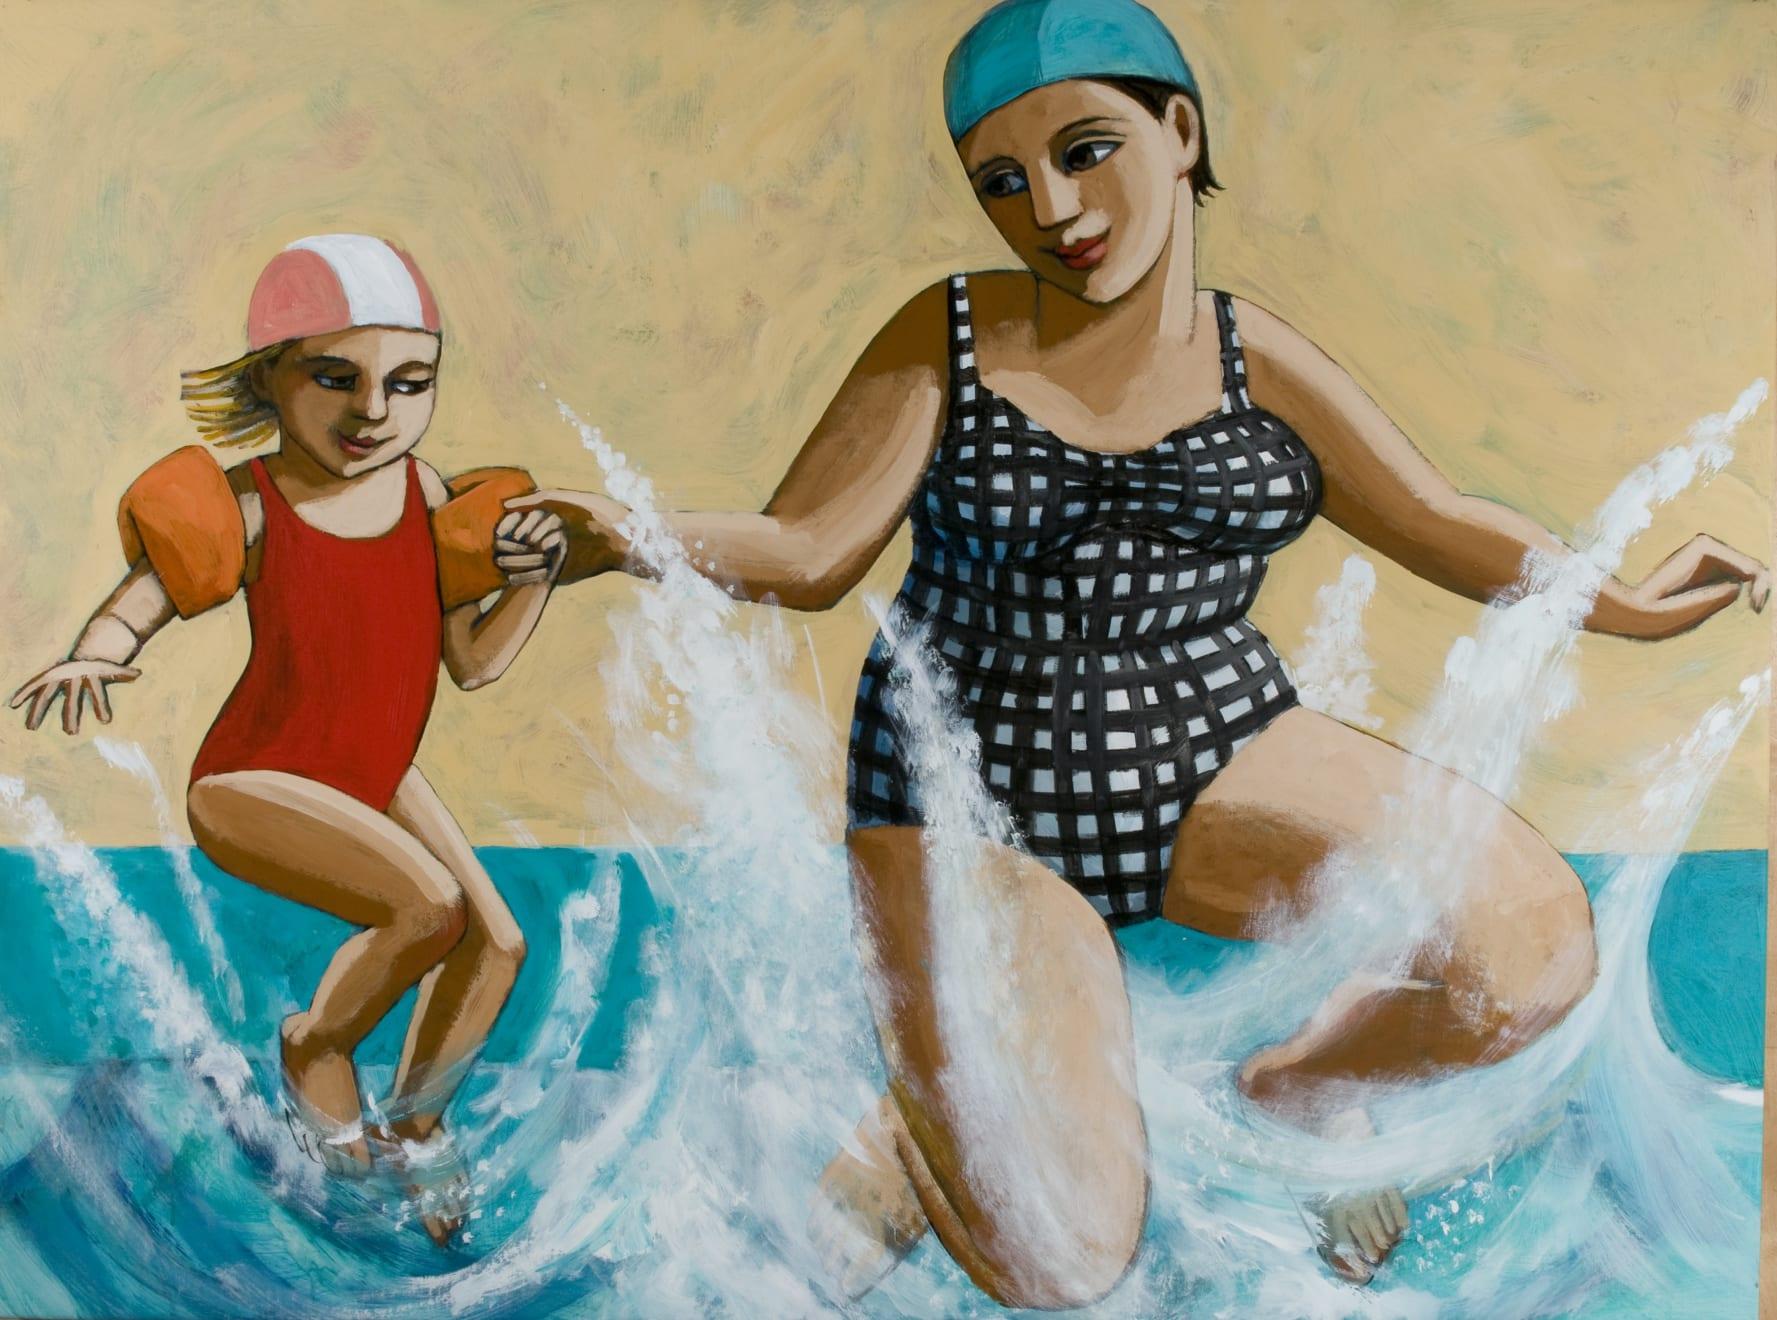 Anita Klein, Jumping in Together, 2019